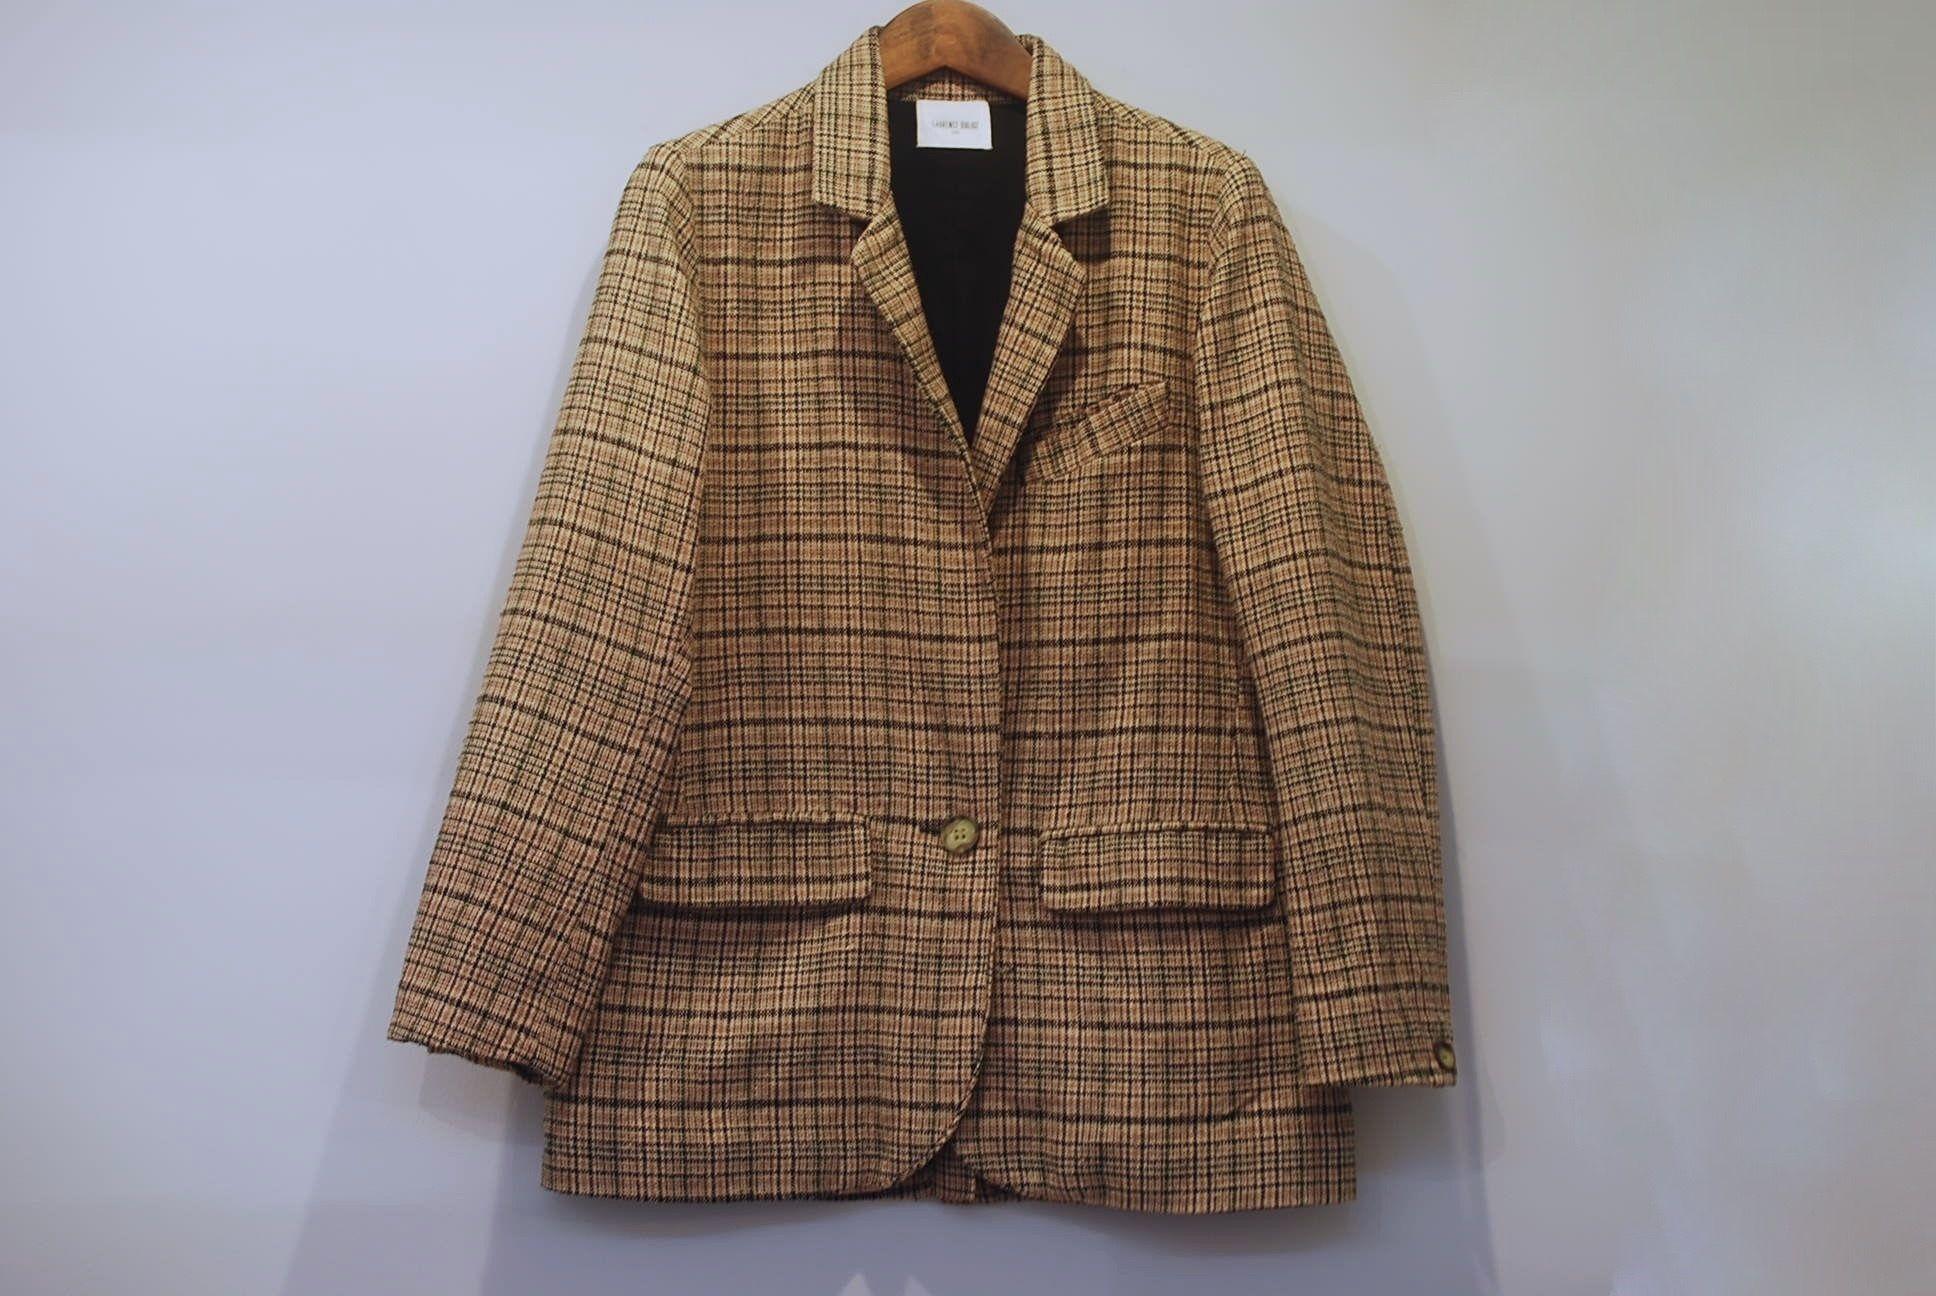 LAURENCE DOLIGE / silk jacket  /  USED CLOTHING